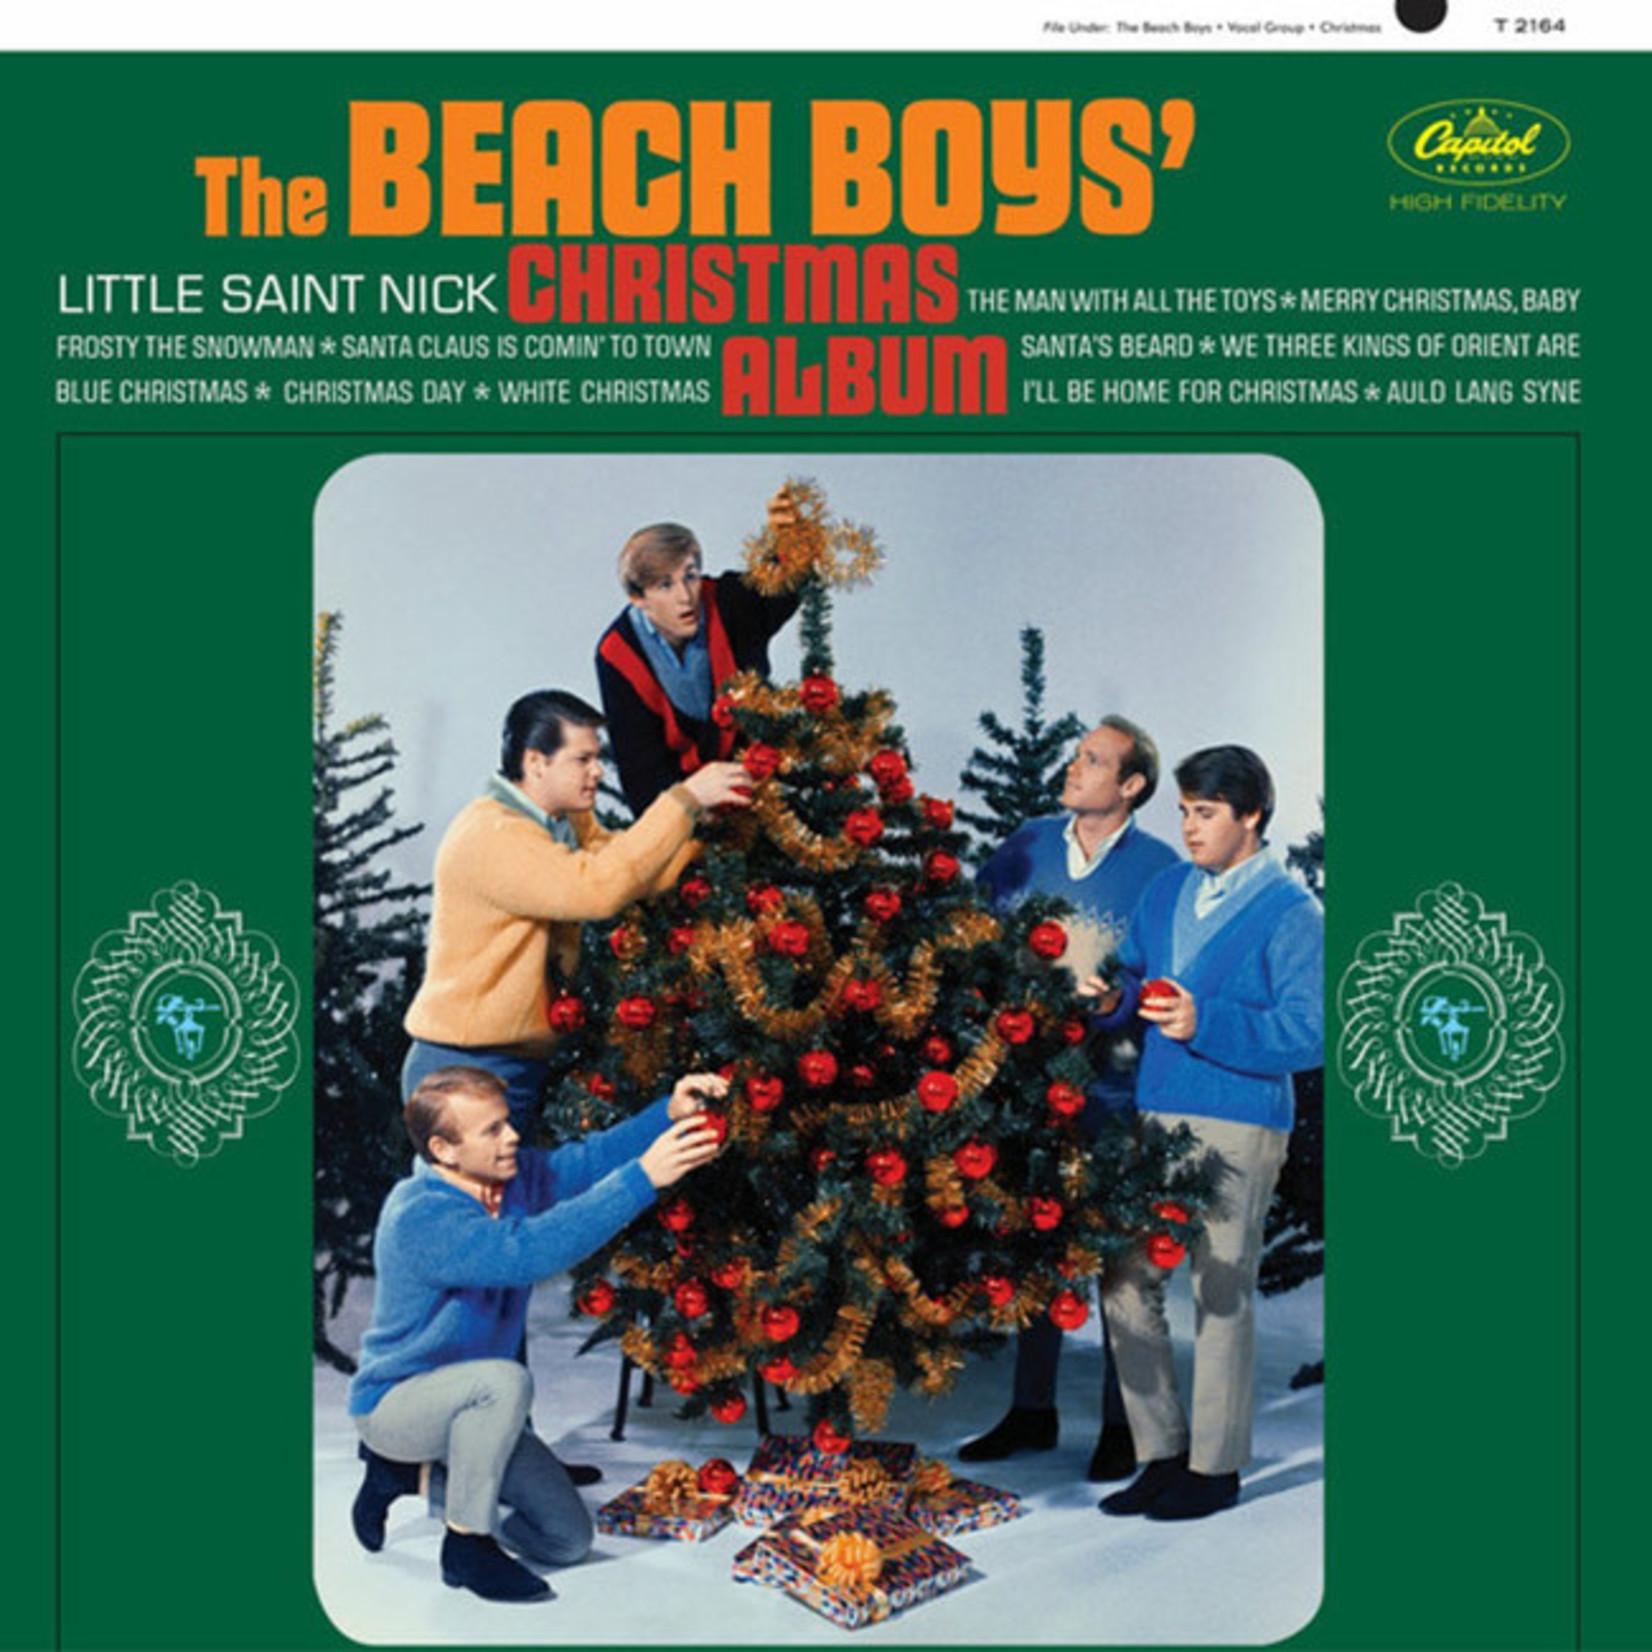 [New] Beach Boys: Christmas Album (mono mix)